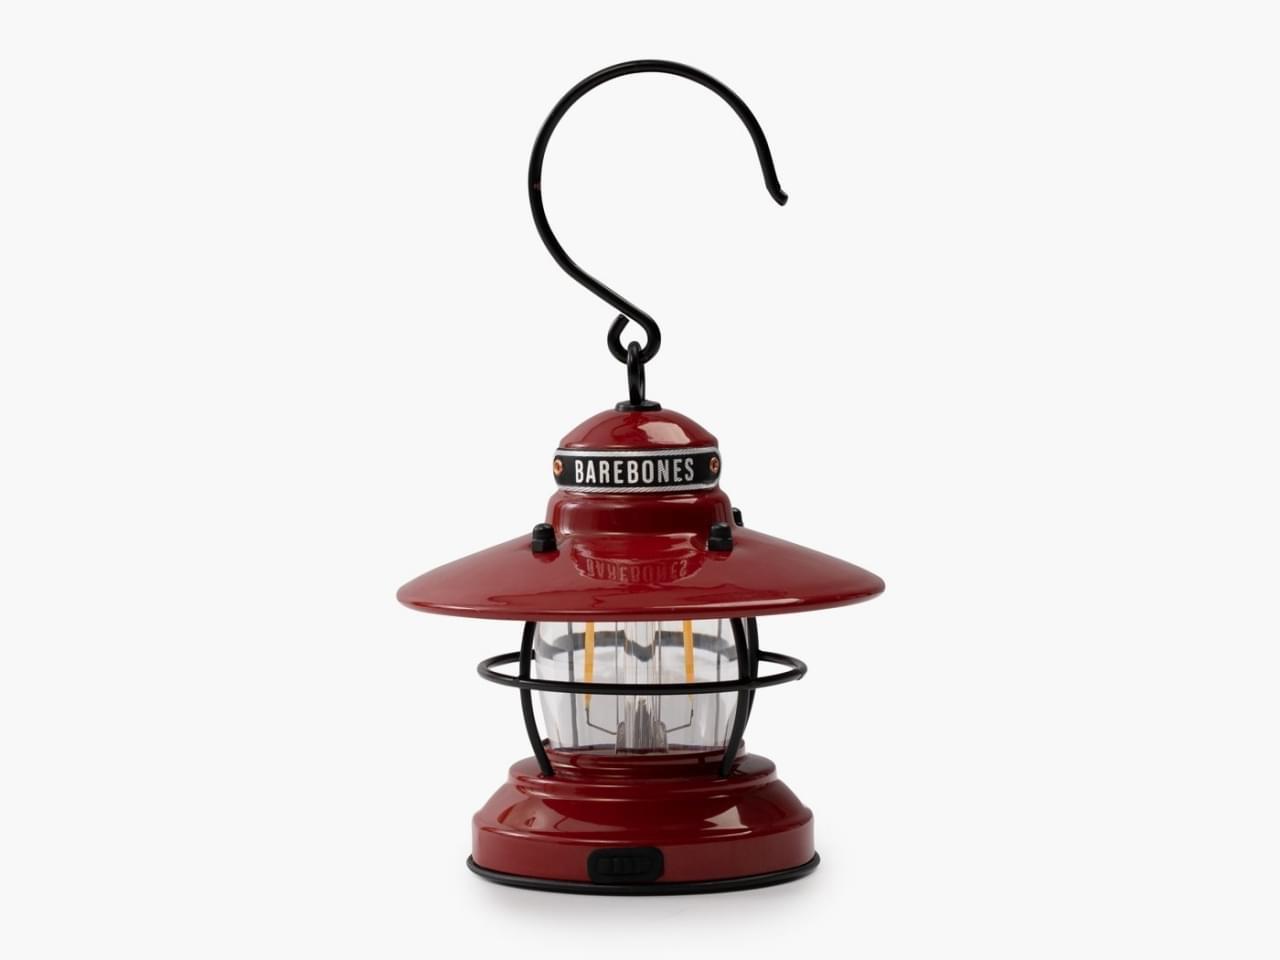 Barebones Mini Edison Oplaadbare Hanglamp - Rood